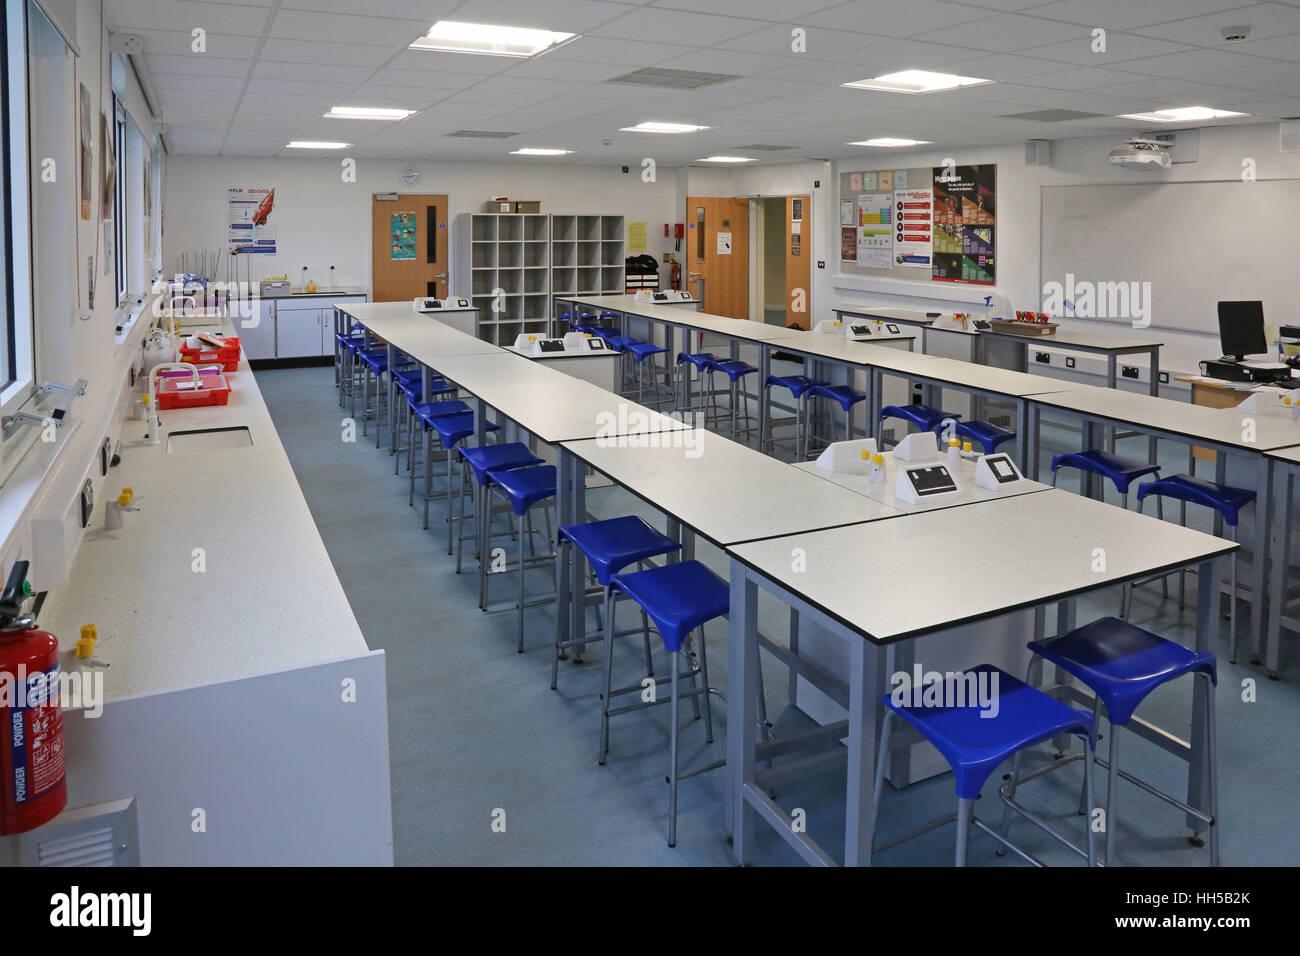 La scienza in aula un nuovo regno unito la scuola secondaria. mostra